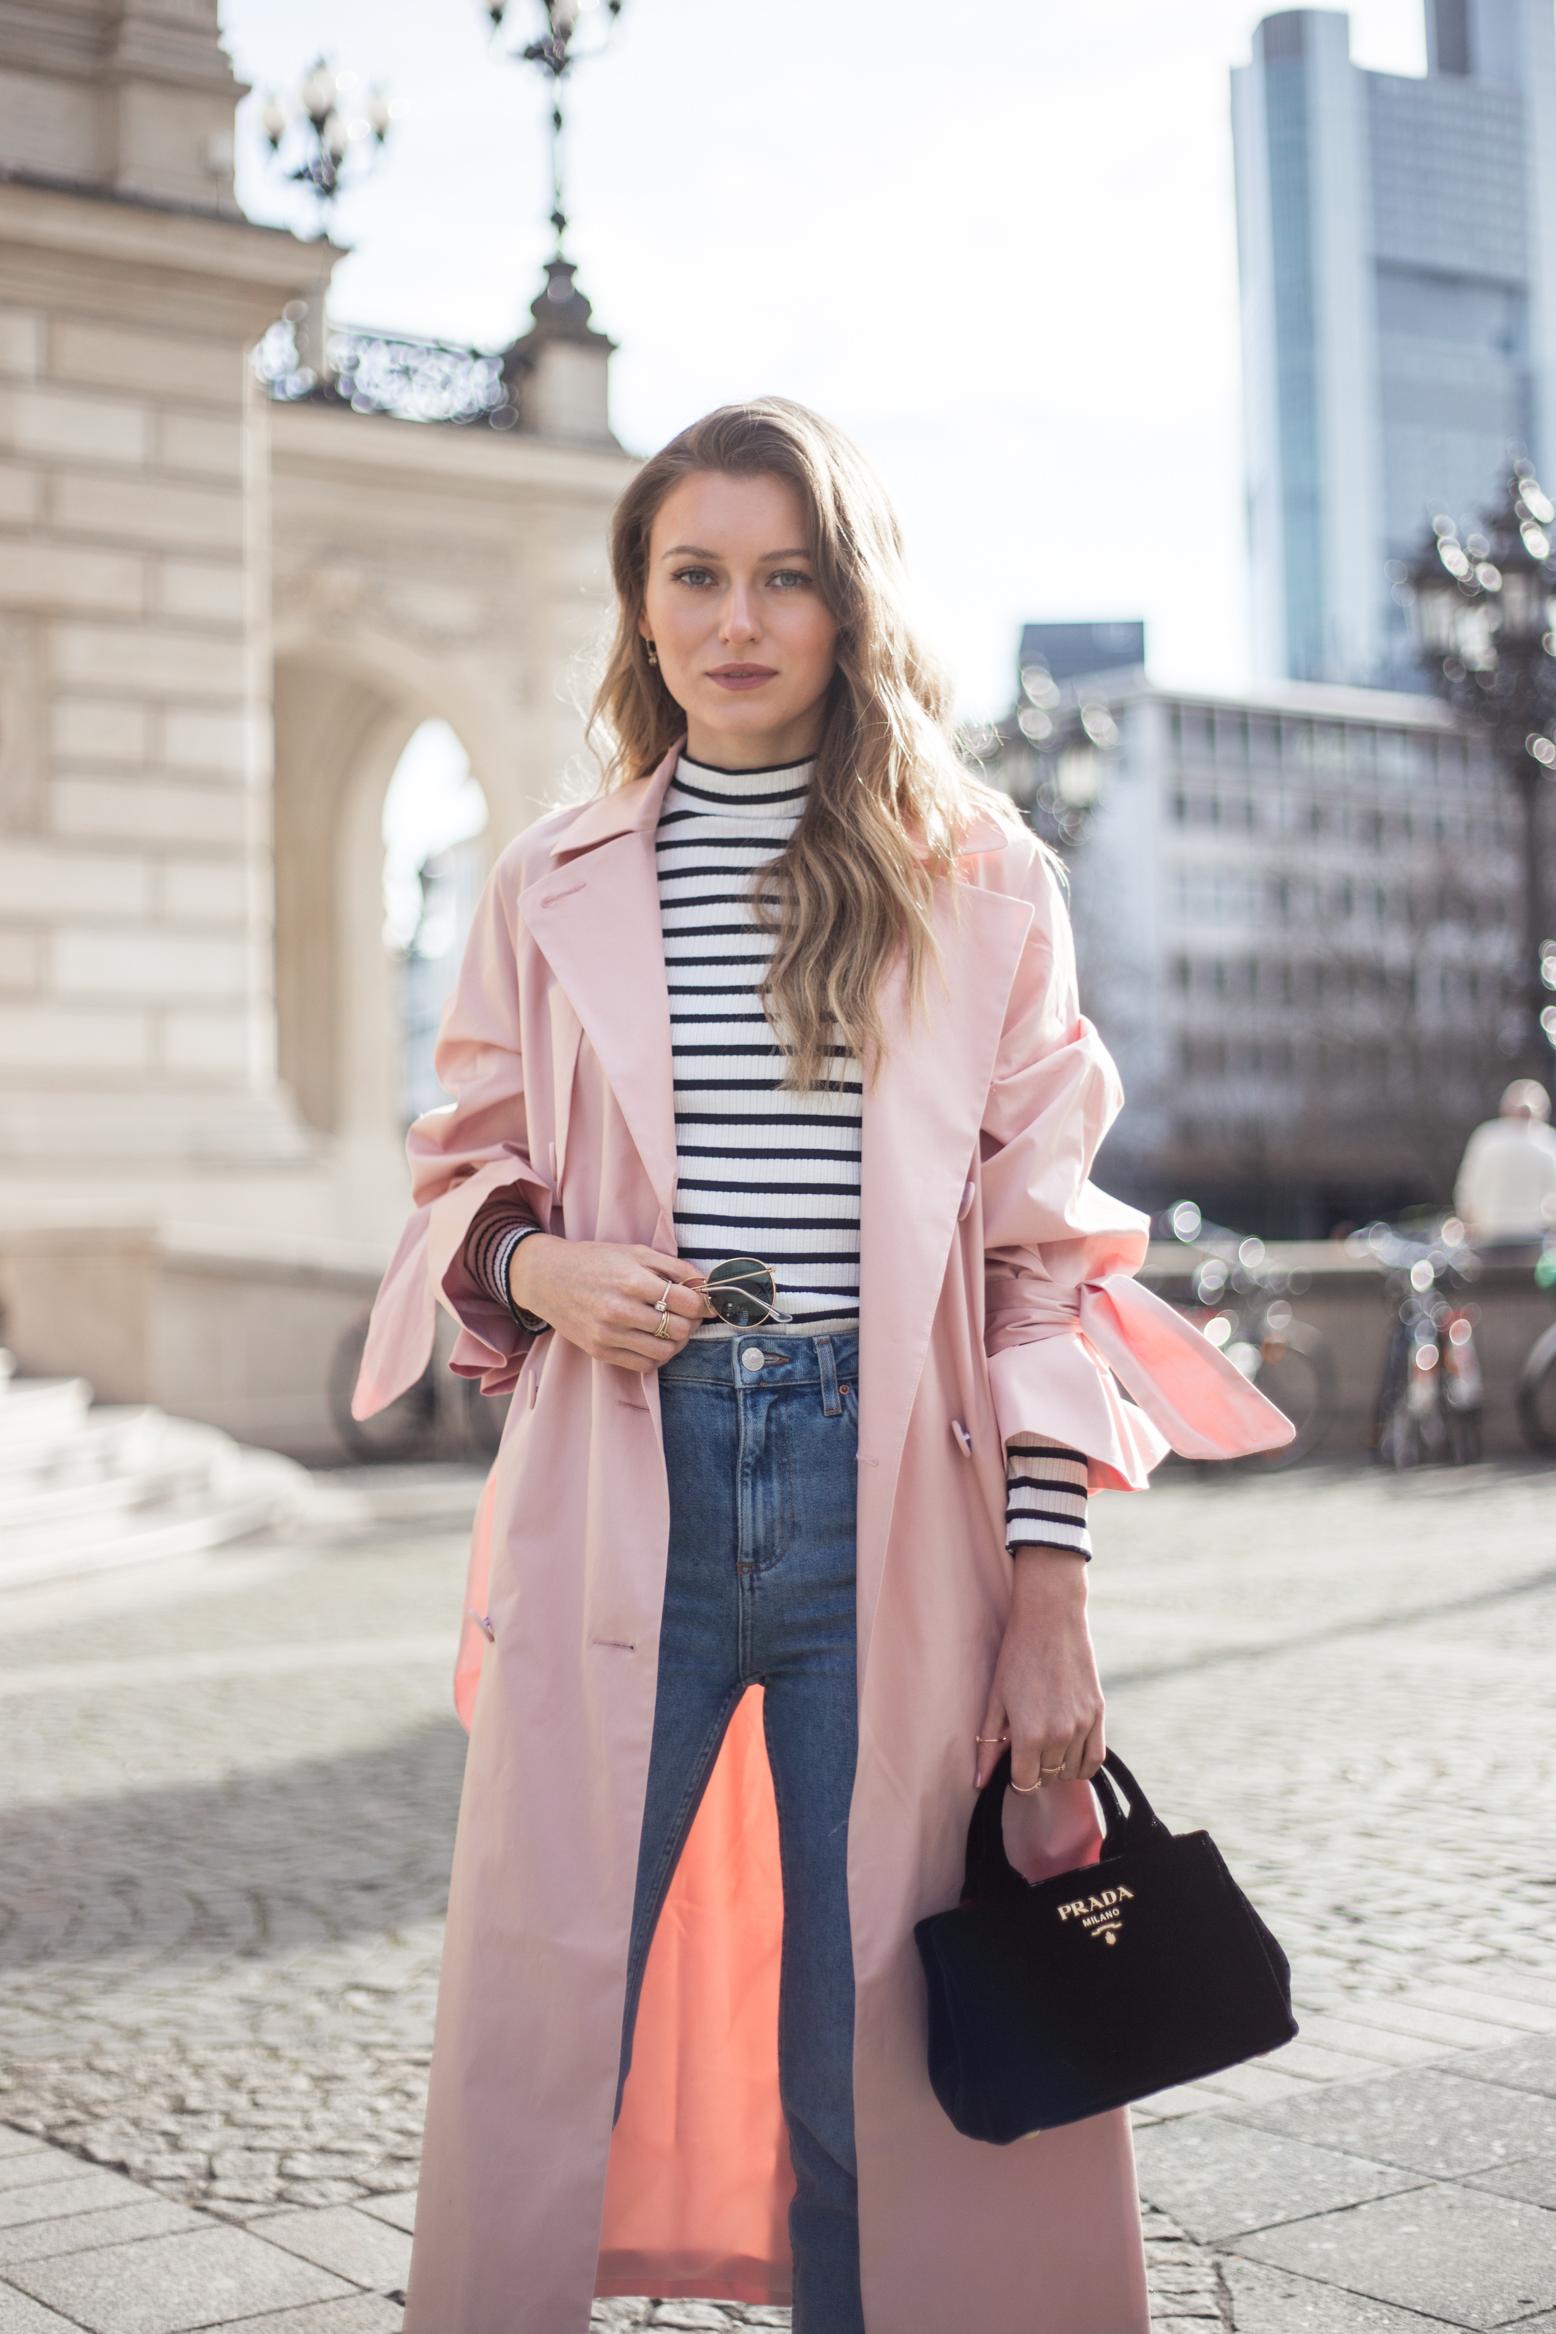 trenchcoat-outfit-prada-bag-velvet-0239